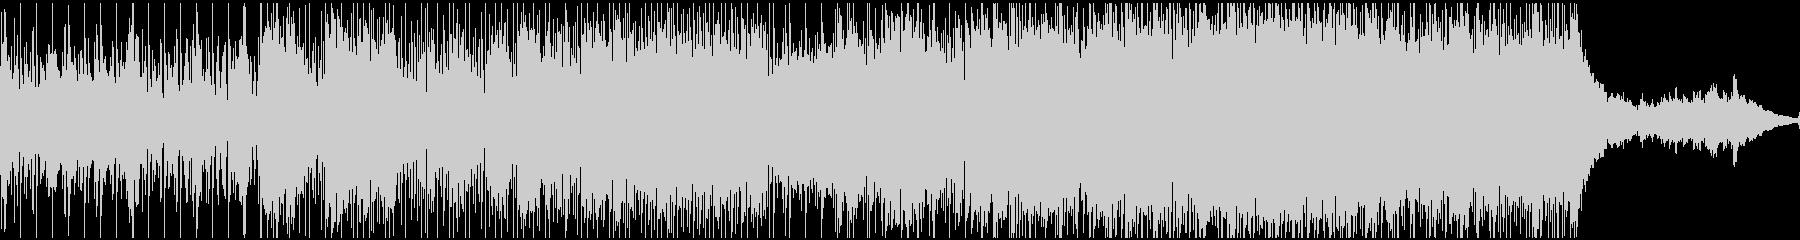 オフビートのドラムグルーブをシャッ...の未再生の波形